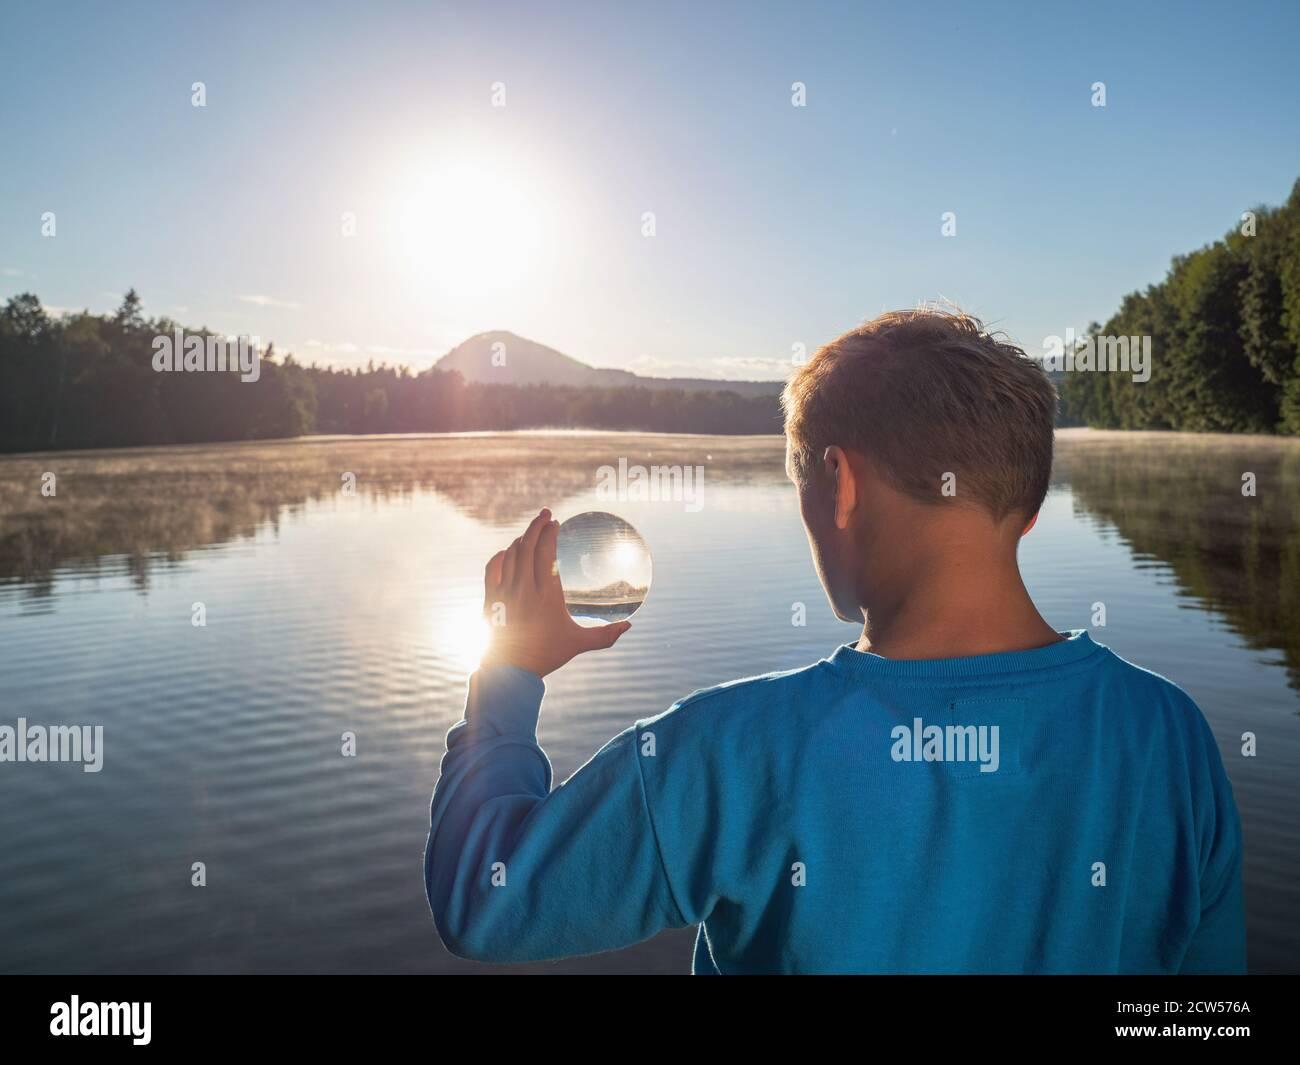 Il ragazzo divertente sta guardando in lente di vetro come il mondo intorno è compresso e capovolto. Foto Stock